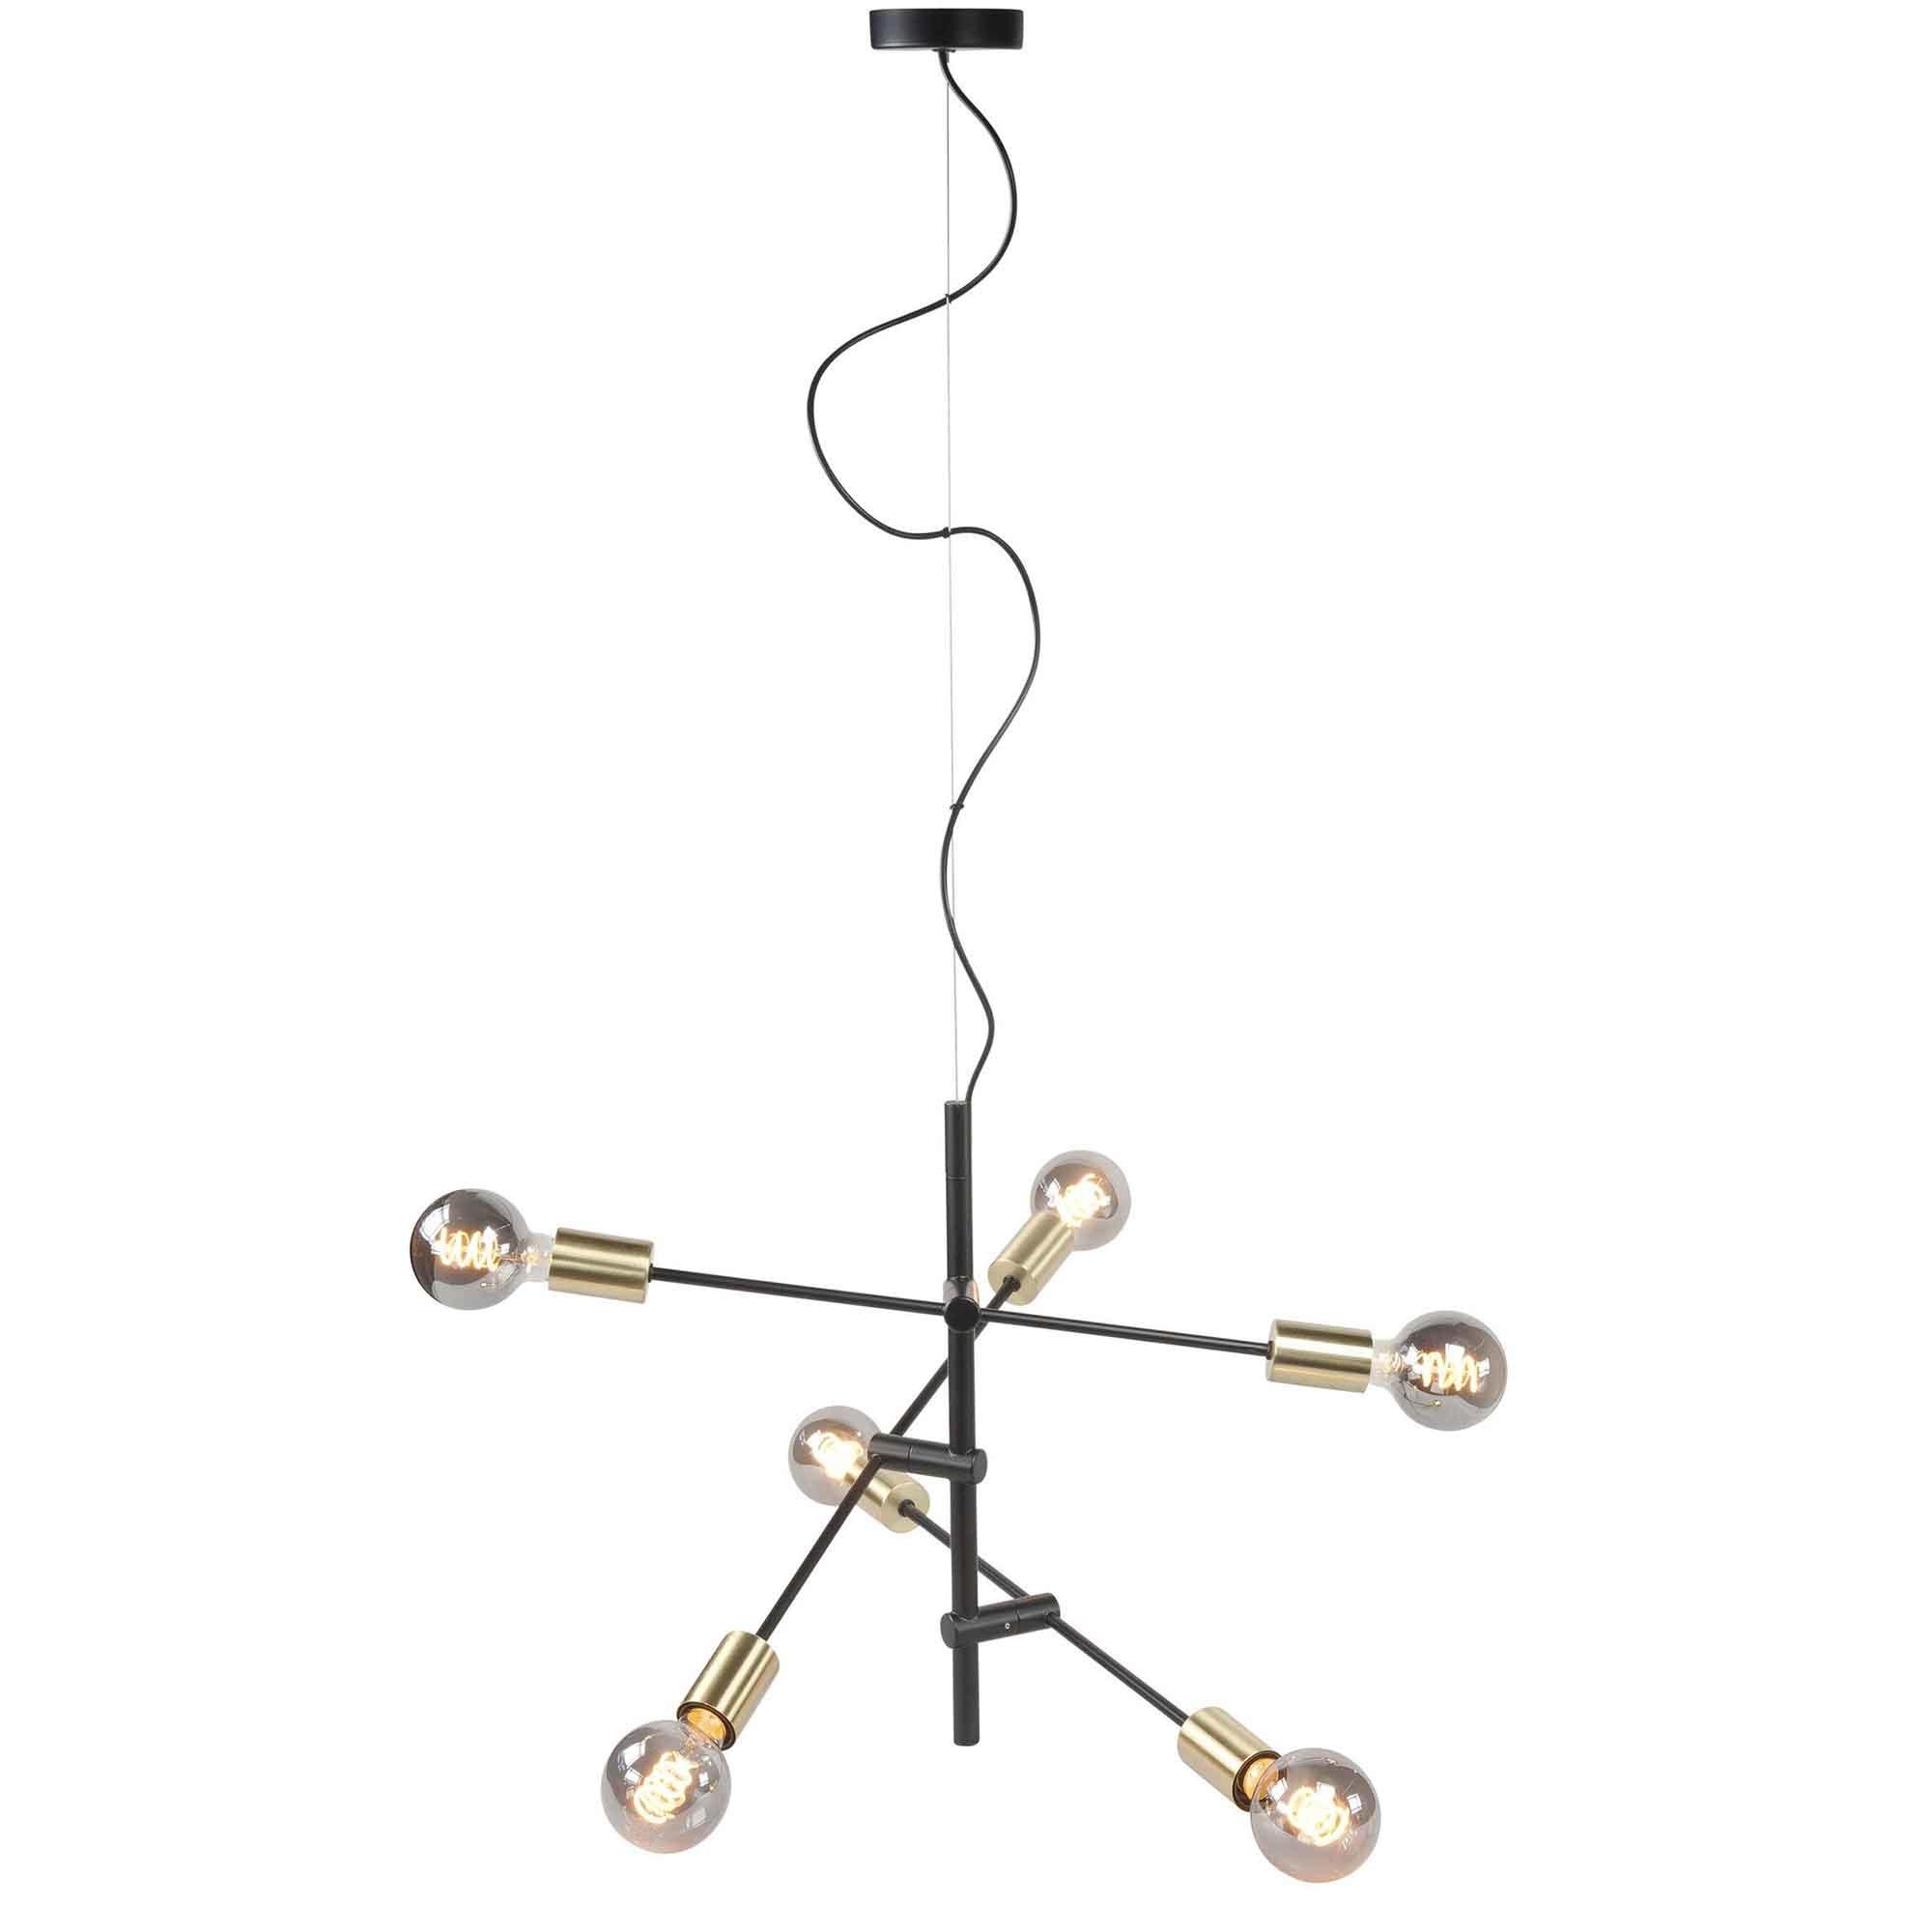 Highlight Hanglamp Sticks 6 lichts Ø 70 cm goud zwart